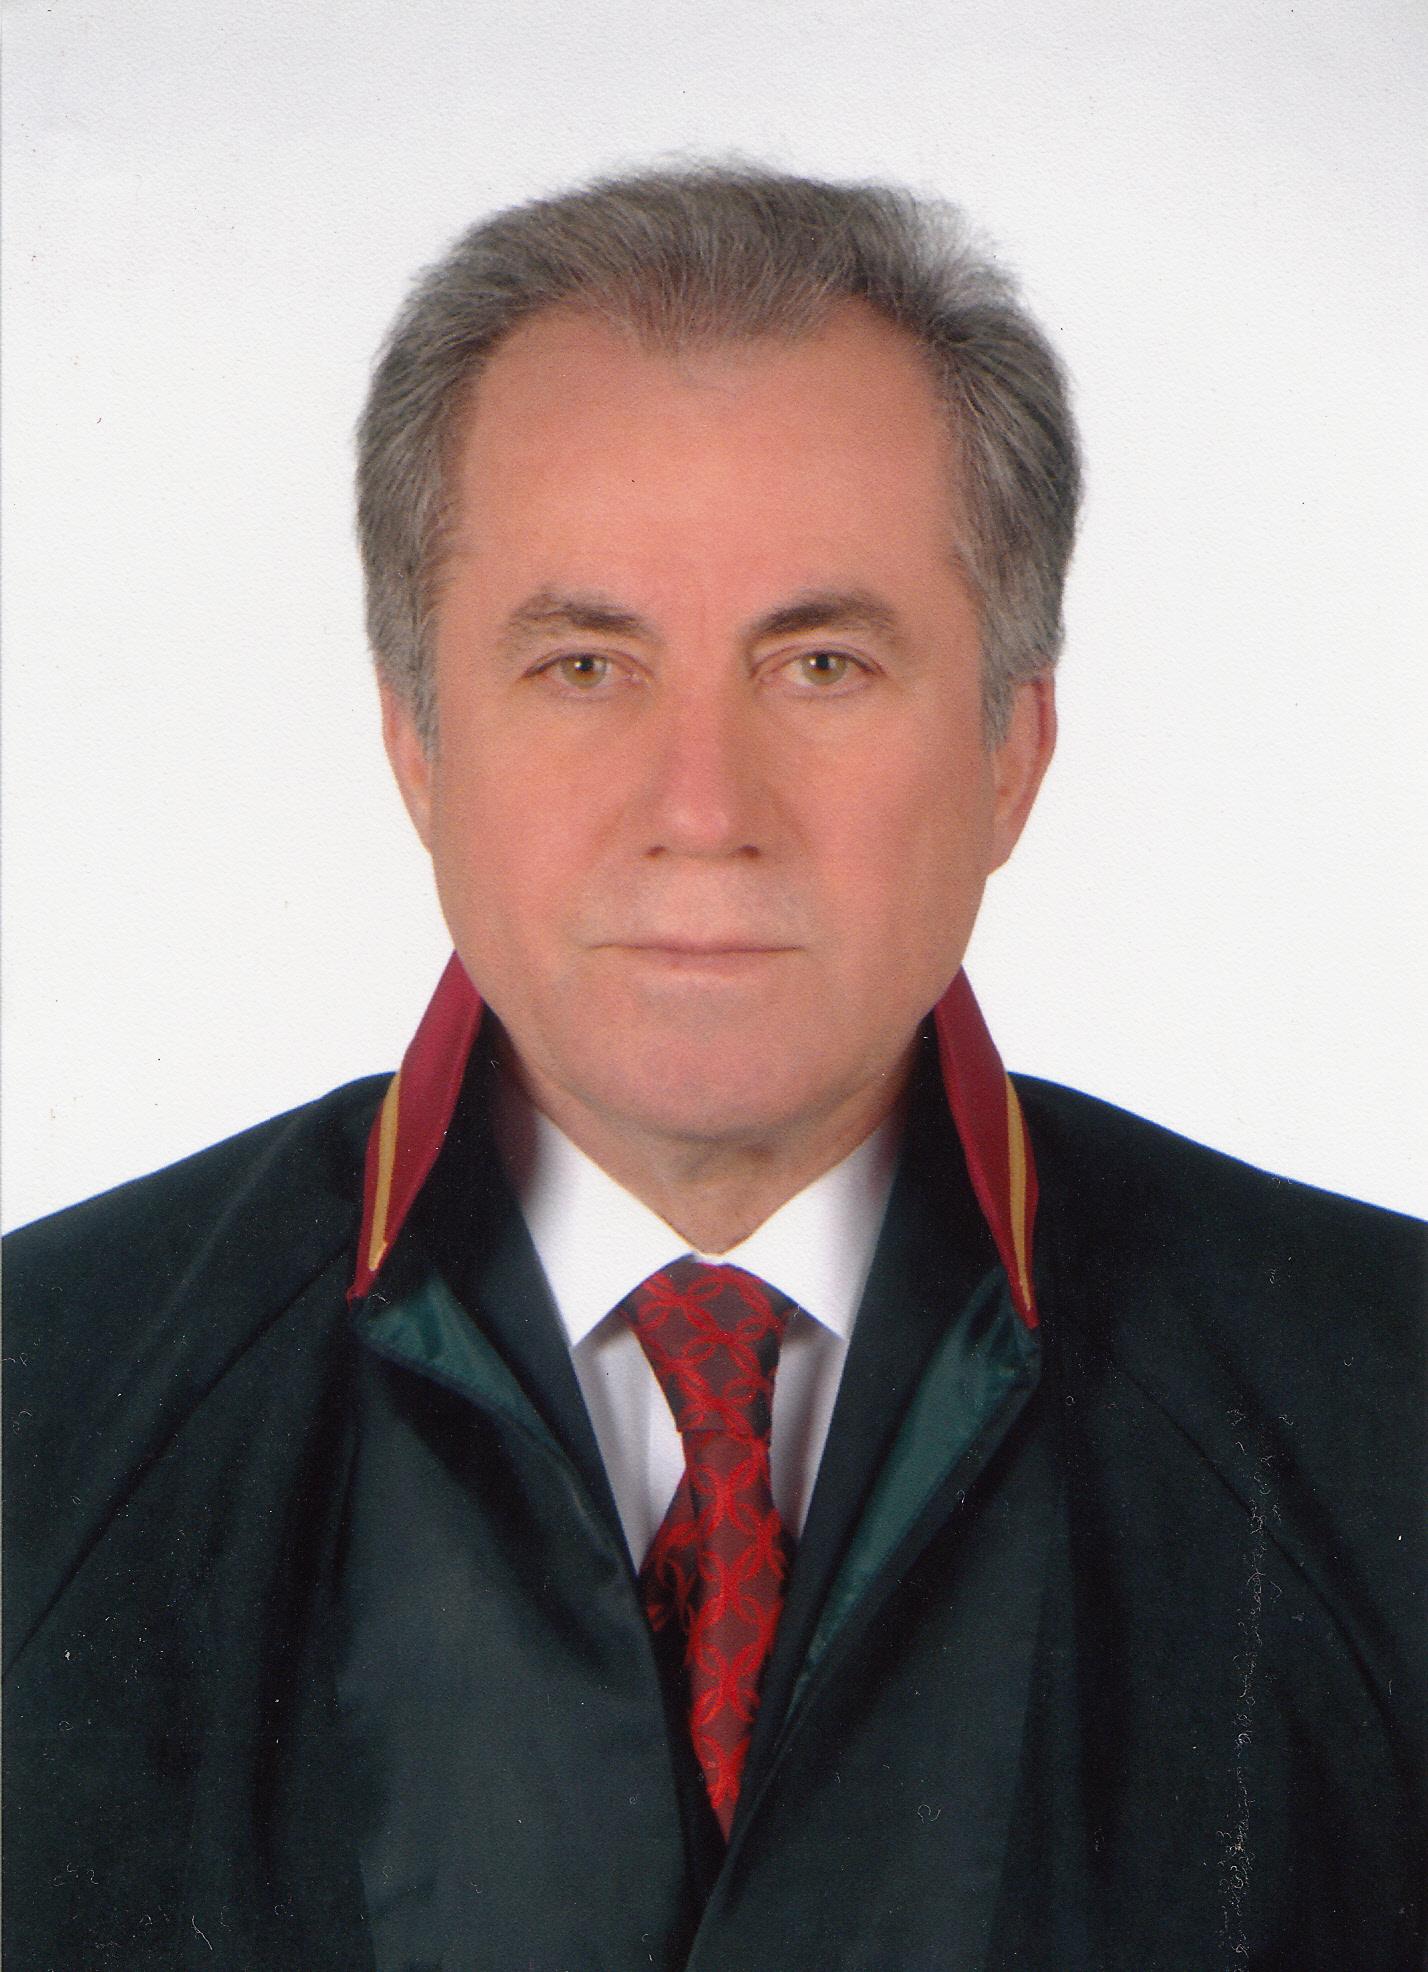 Osman Kudret Sönmez